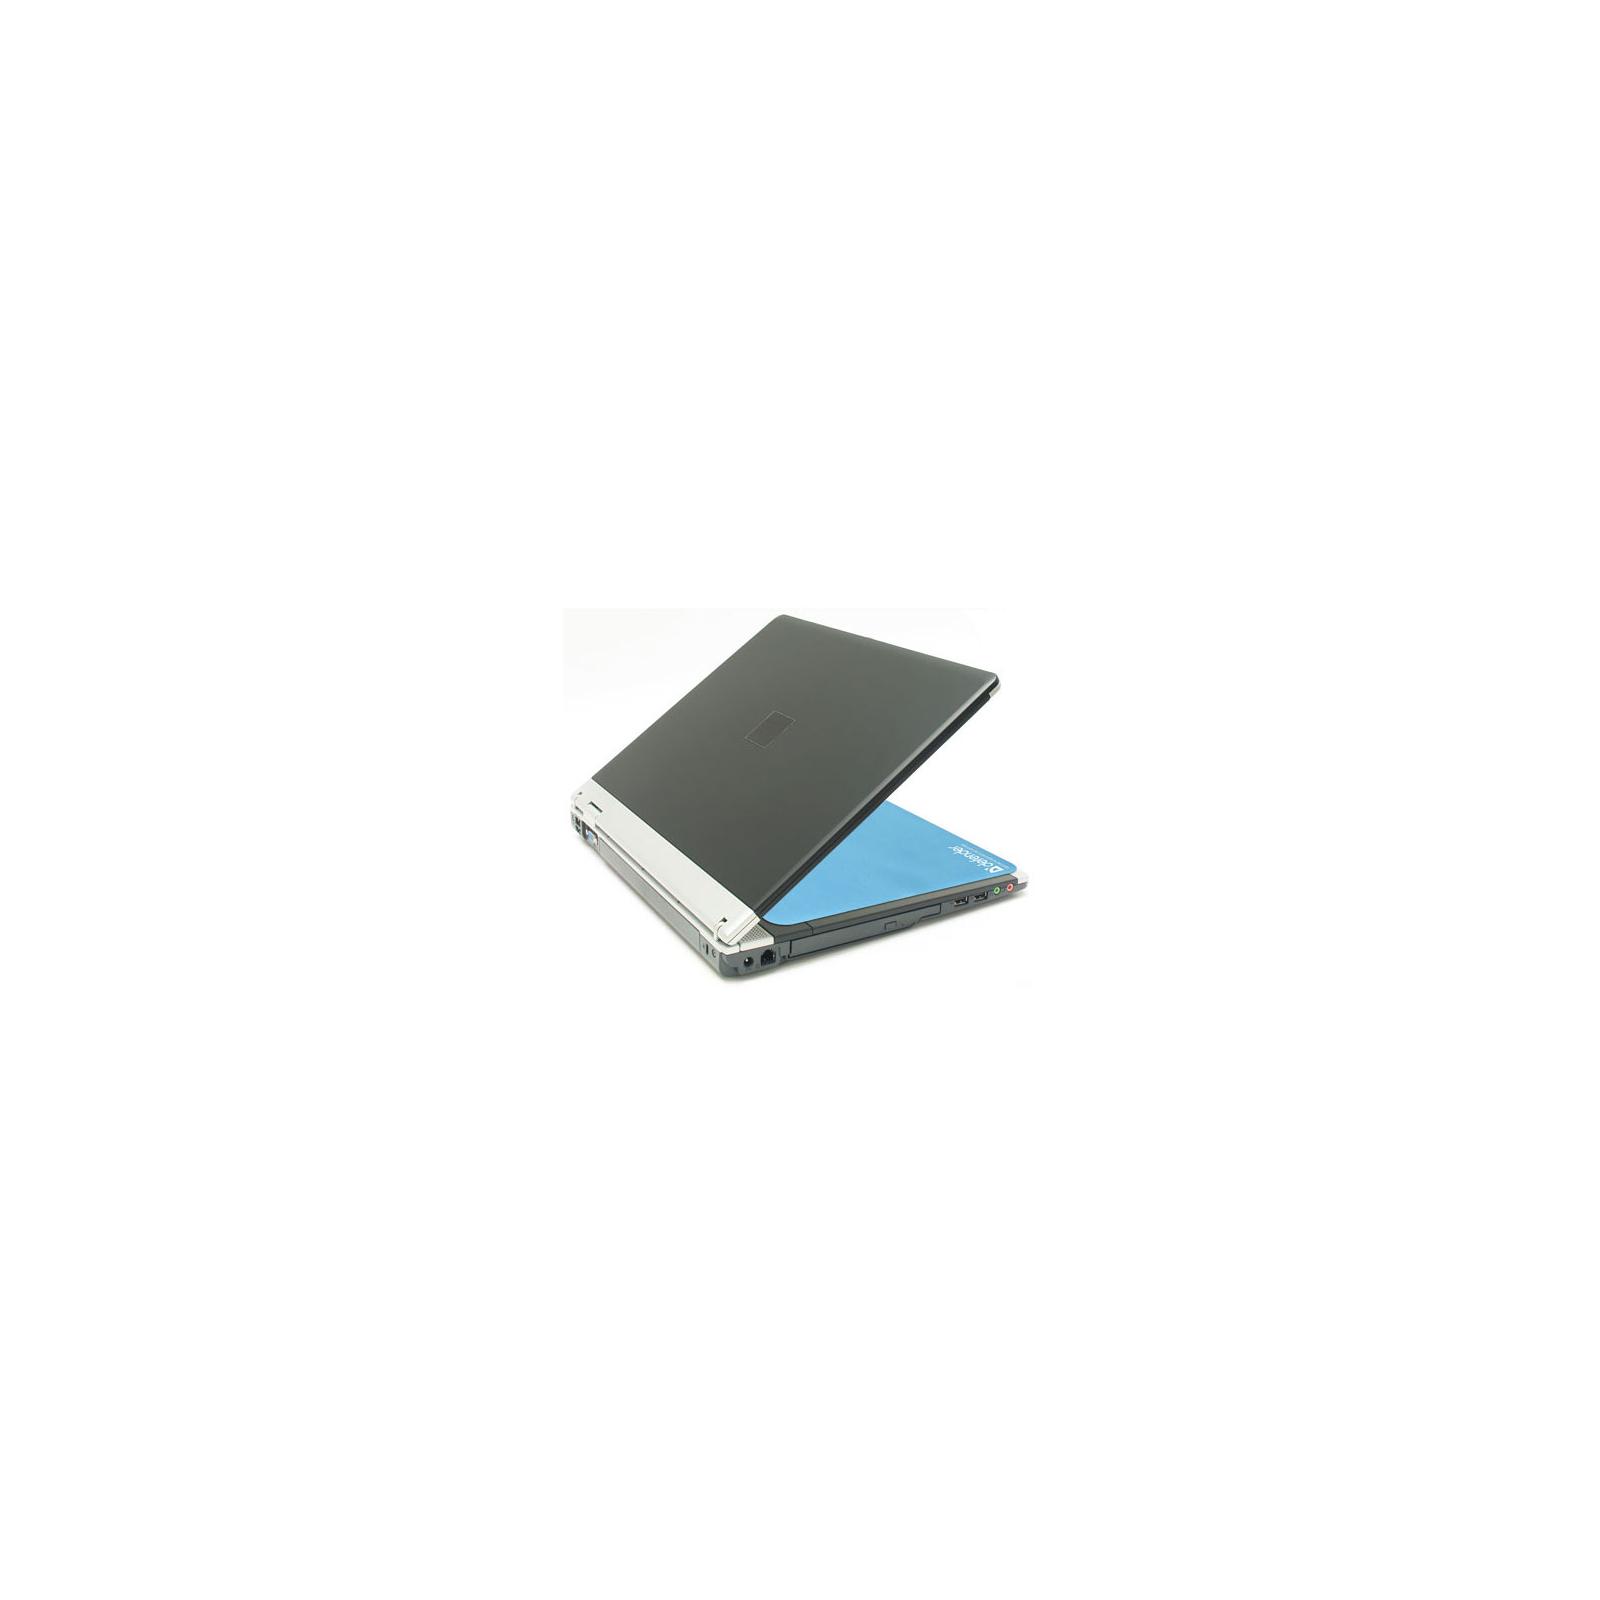 Коврик Defender Notebook microfiber (50709) изображение 3